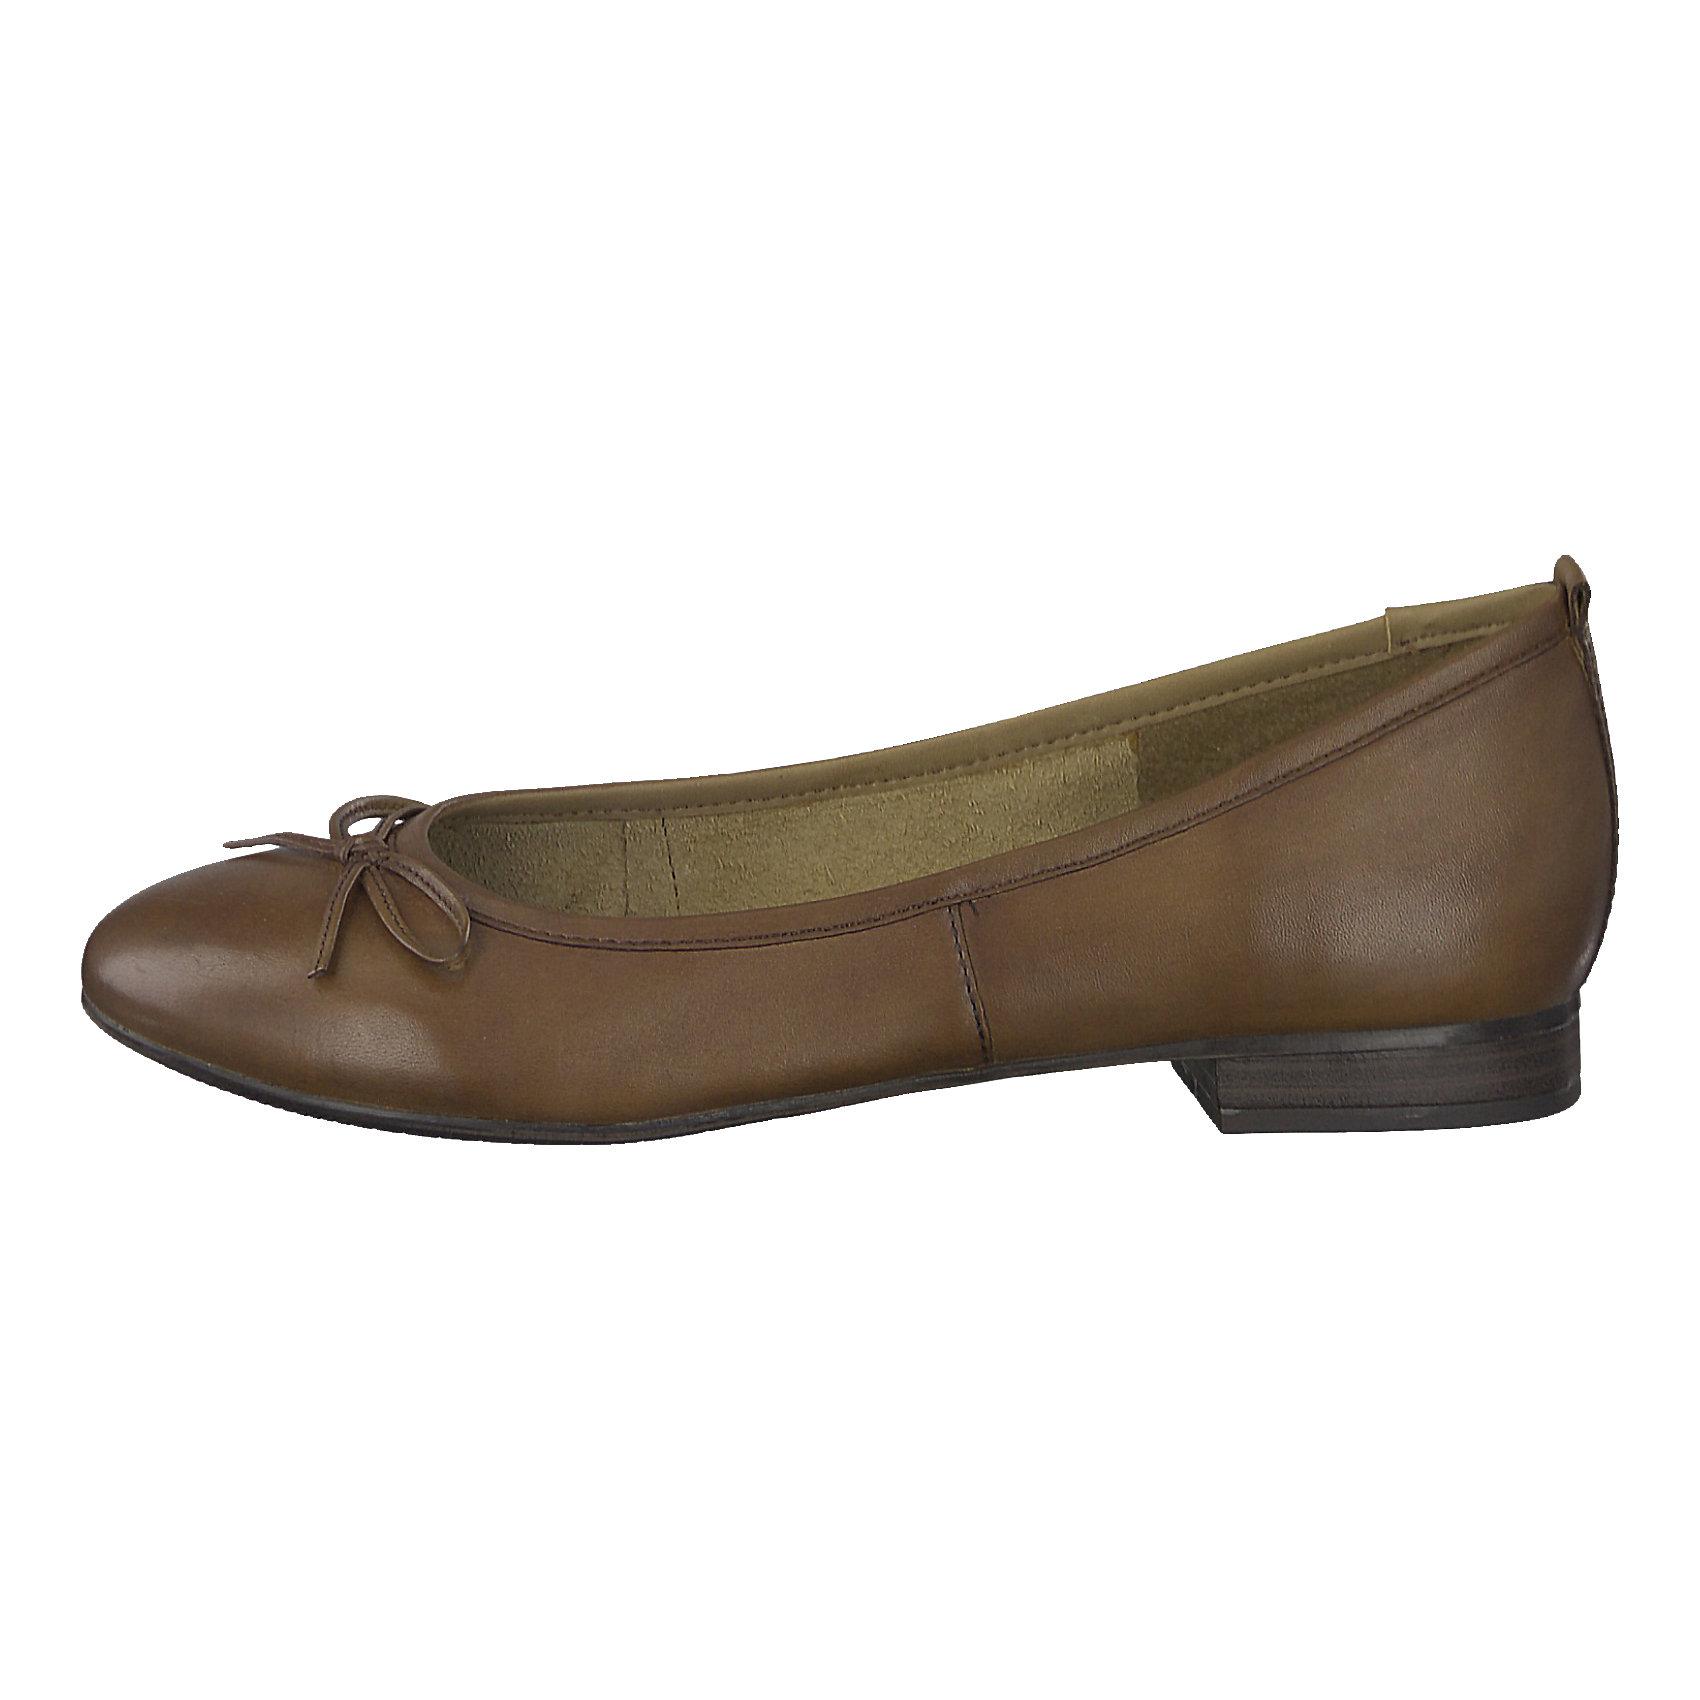 Details zu Neu Tamaris Bigo Ballerinas 5748285 für Damen bordeaux braun